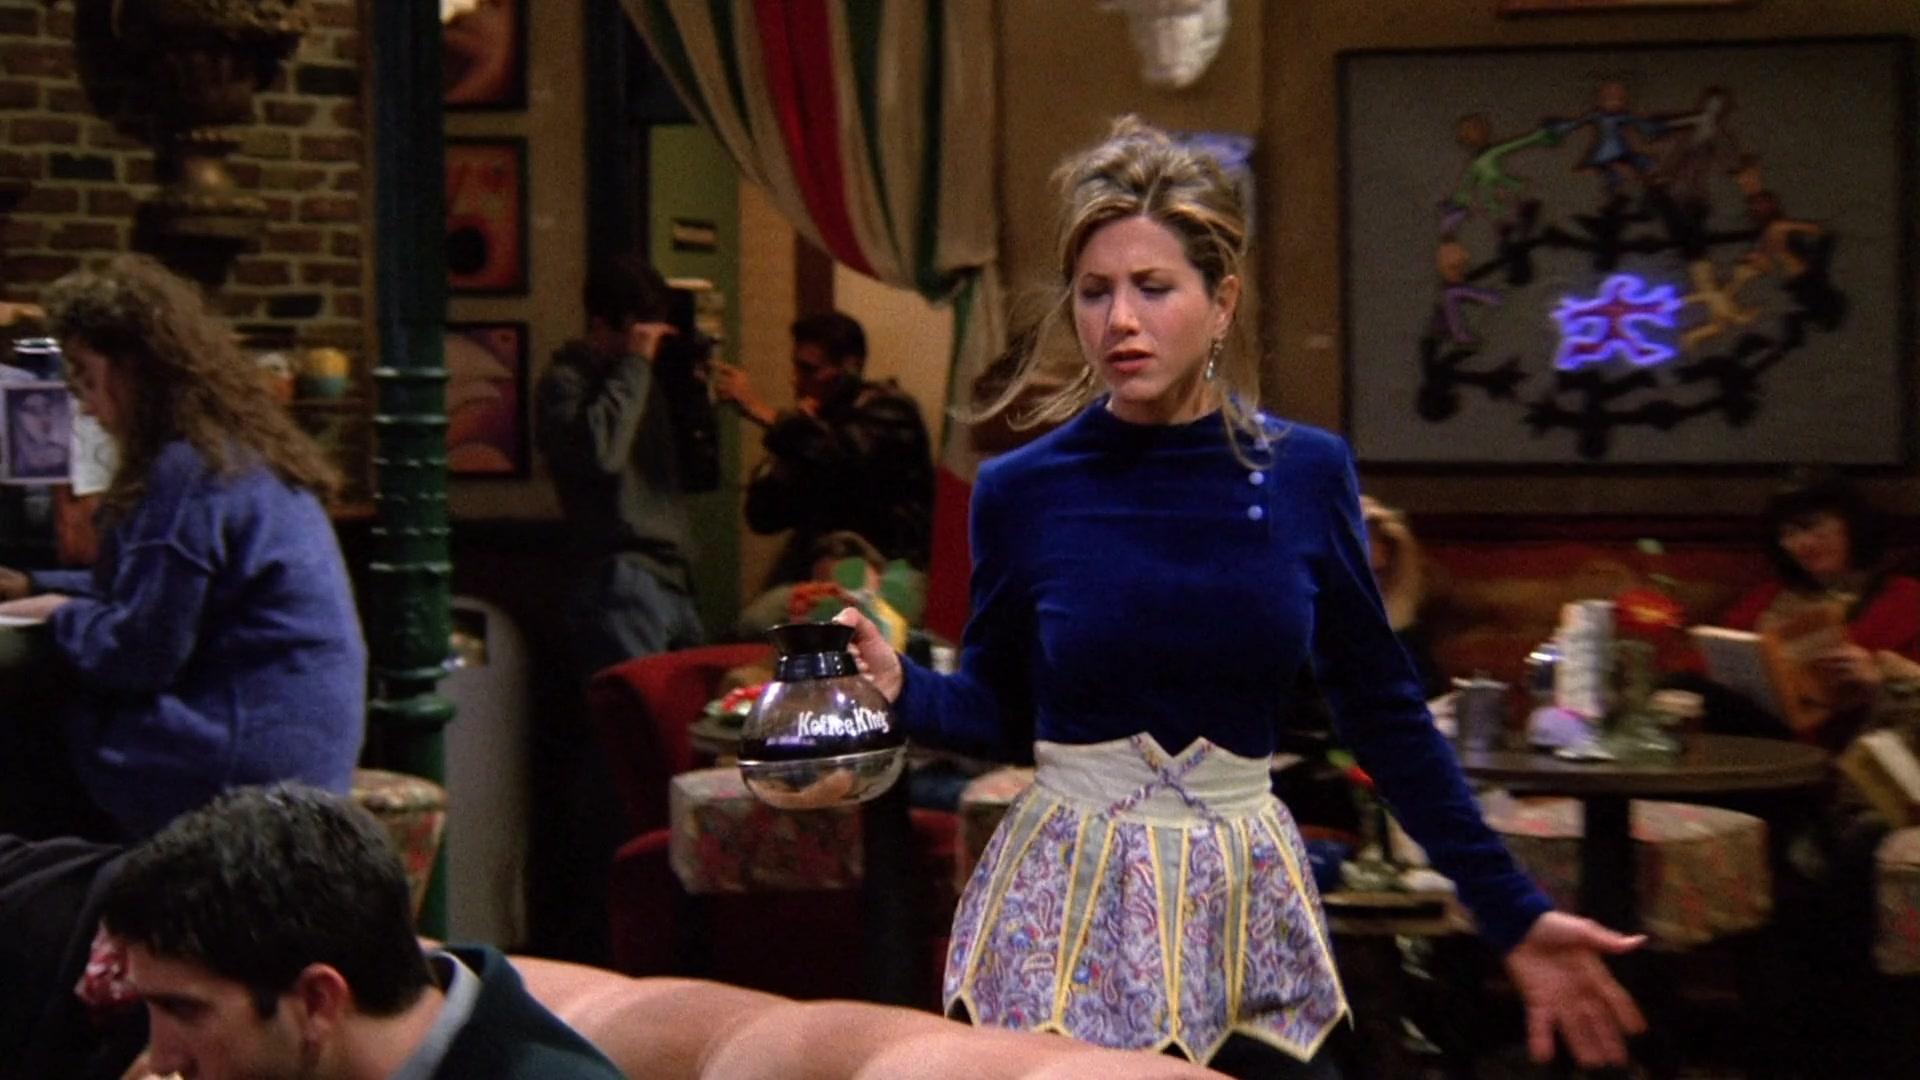 Koffee King Held by Jennifer Aniston (Rachel Green) in